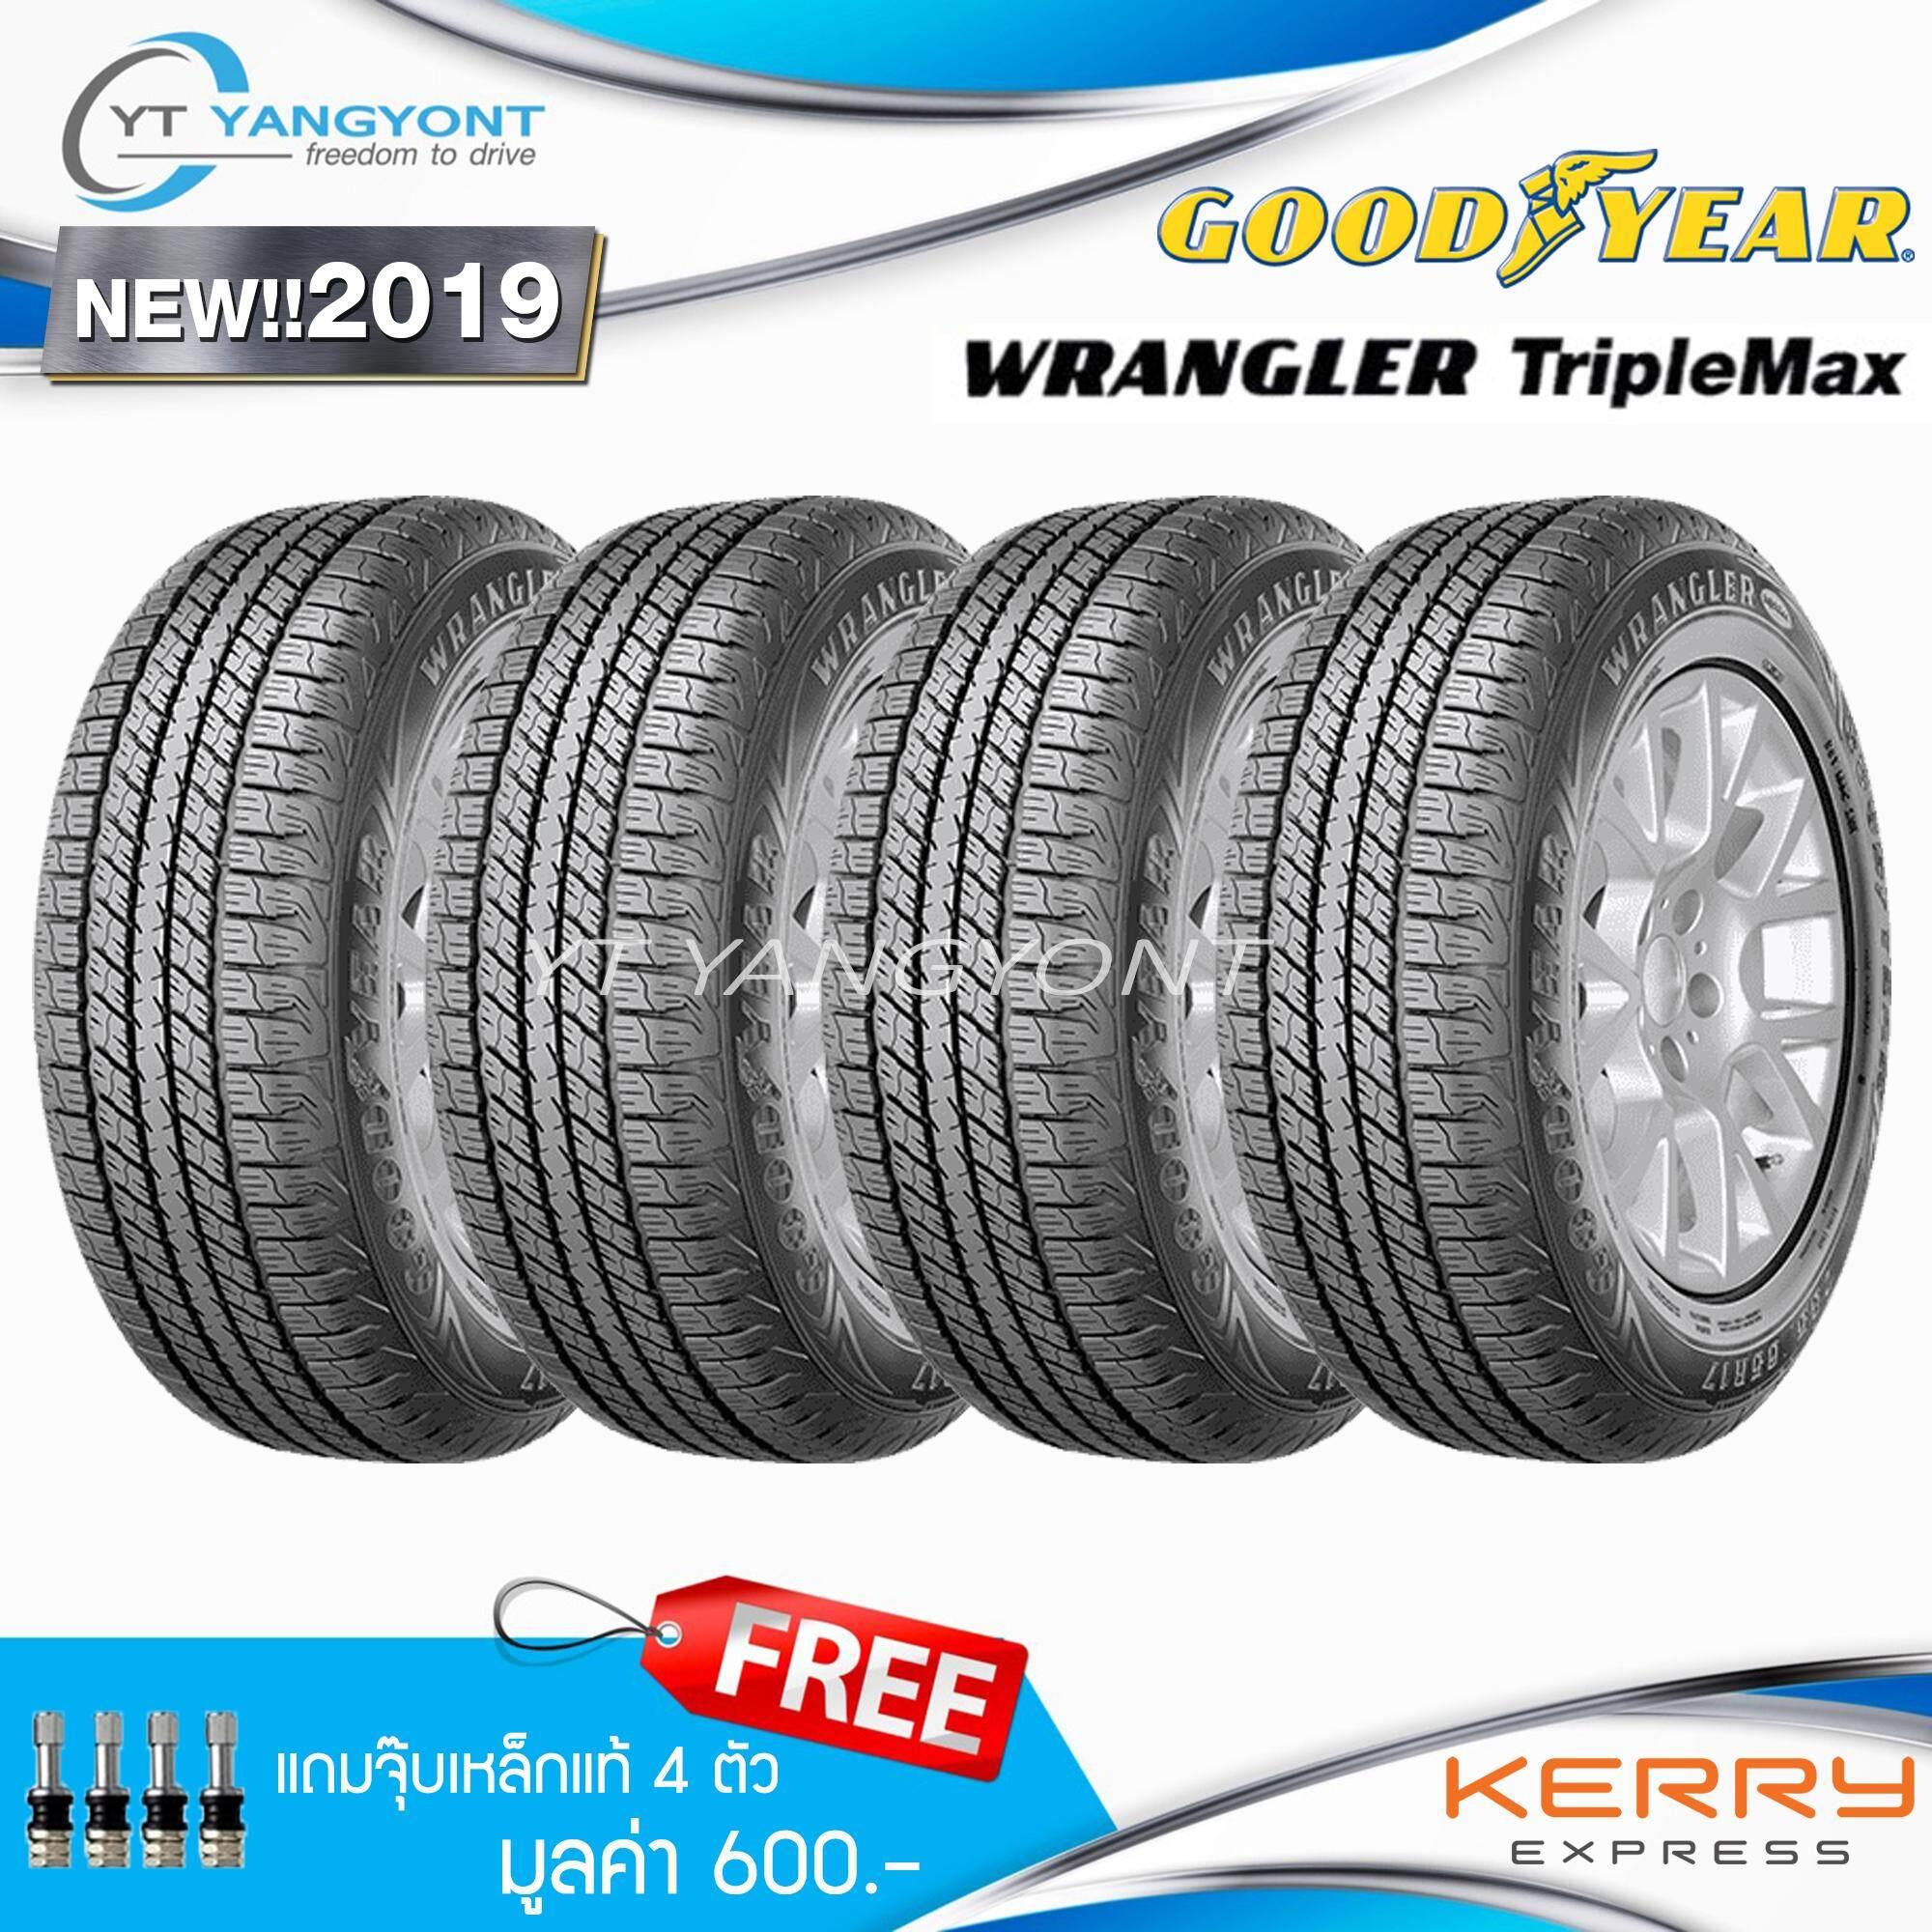 ประกันภัย รถยนต์ 2+ เชียงราย GOODYEAR ยางรถยนต์ 265/65R17 รุ่น Wrangler Triplemax 4 เส้น (ปี 2019) แถมจุ๊บเหล็กของแท้ 4 ตัว มูลค่า 600 บาท